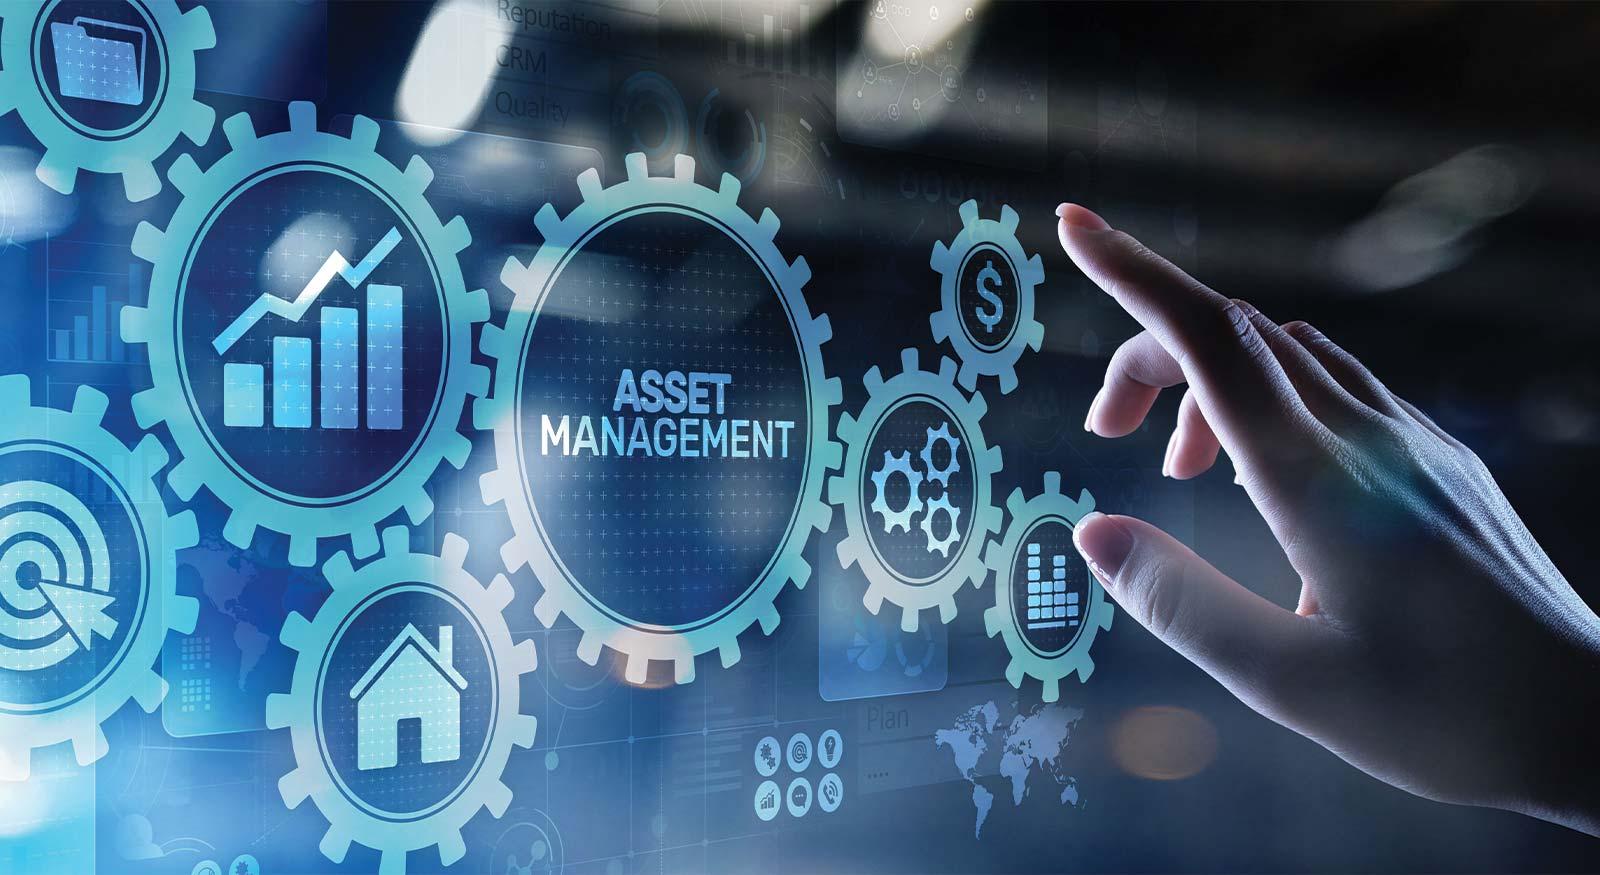 Asset Management - CMI Mechanical